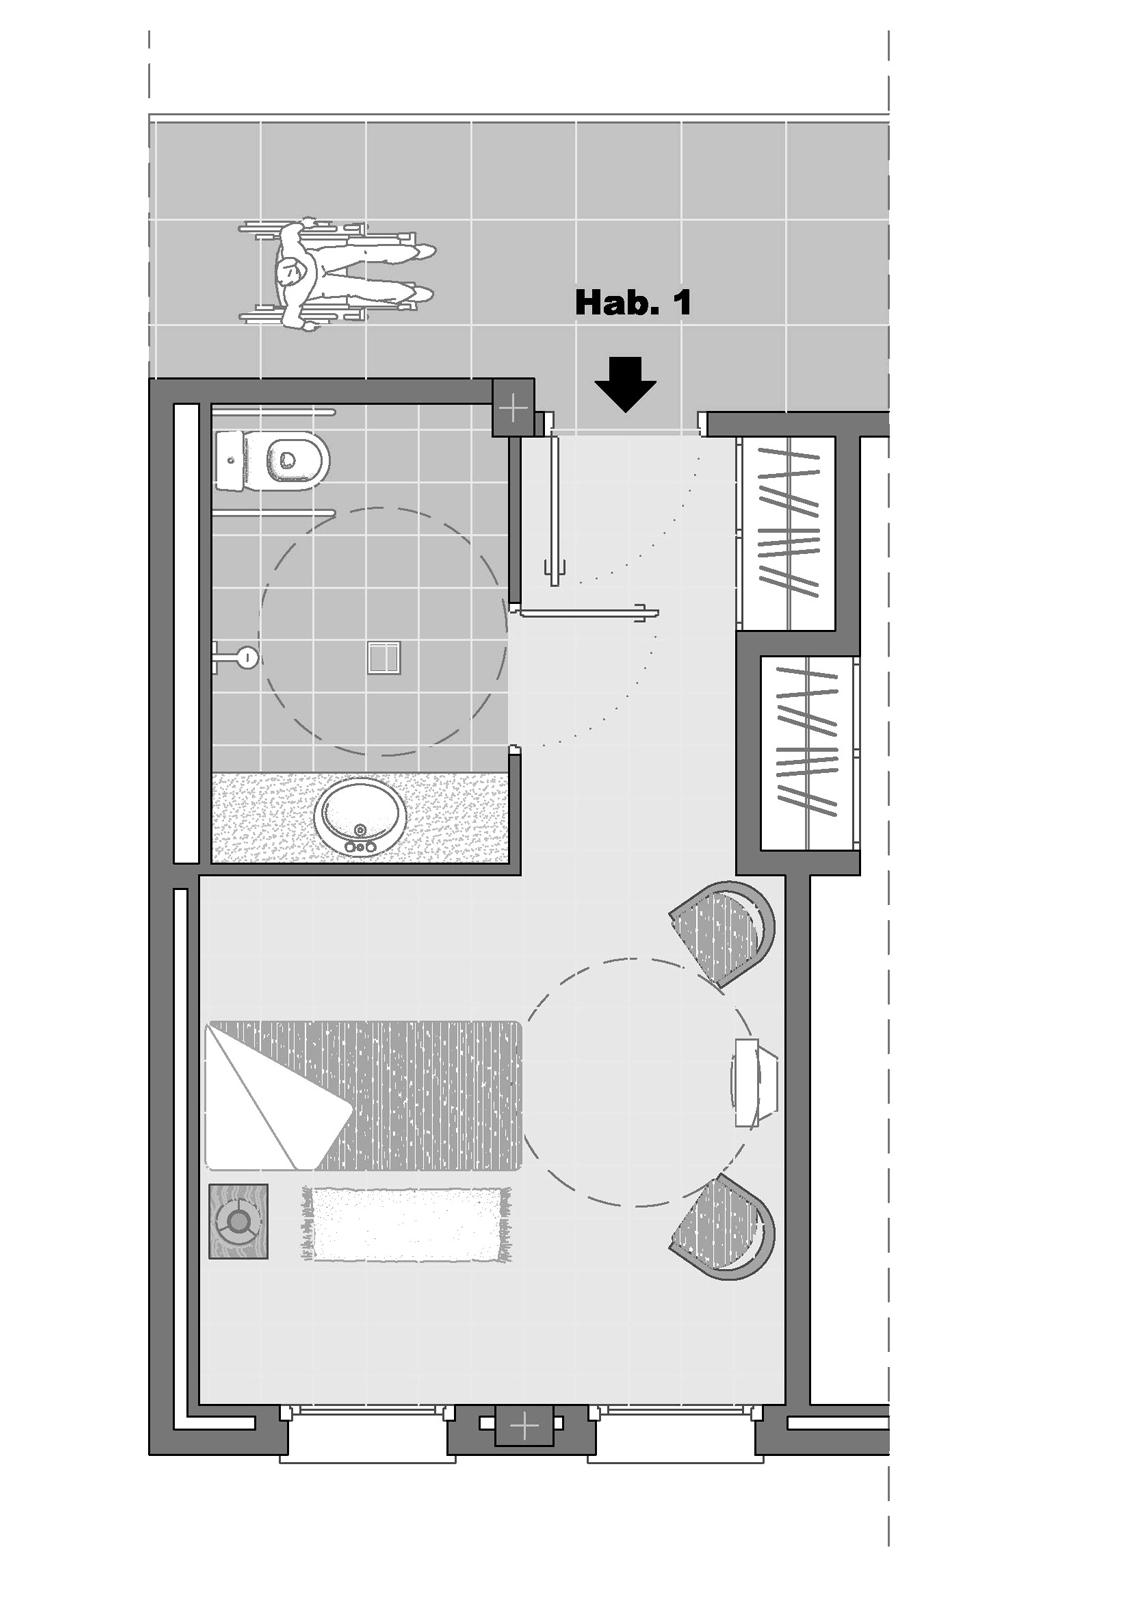 Habitació. Projecte d'obra nova: 2006 Conjunt gerontològic i assistencial